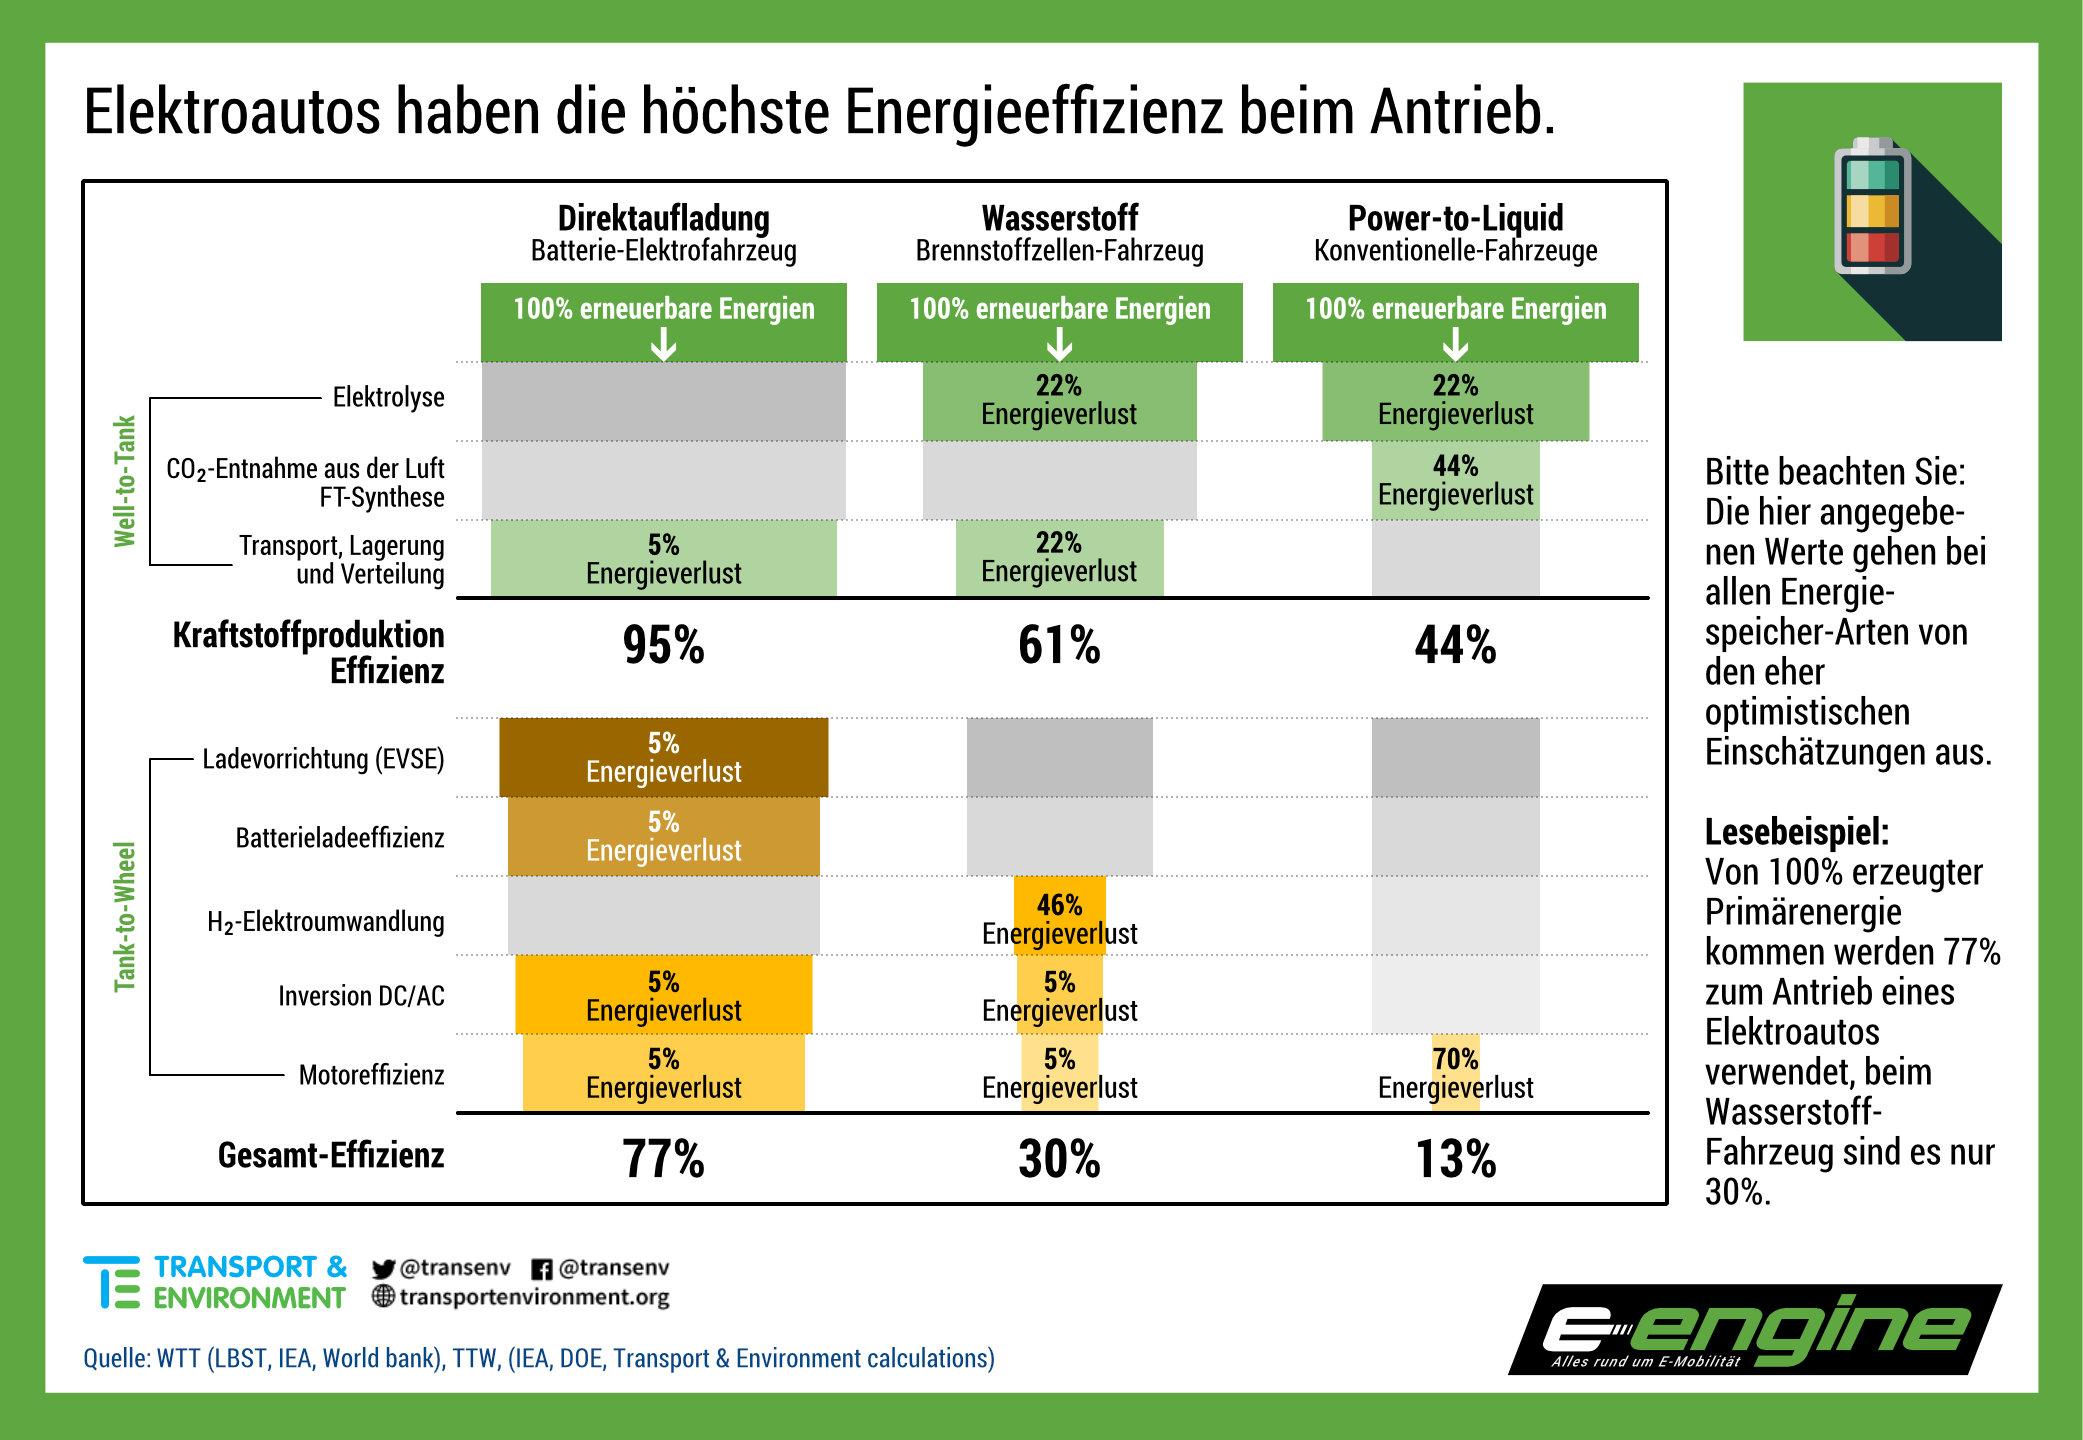 Mittwoch kompakt: E-Fuels effizienter als Elektroautos, Daimler mit WAYMO, Toyota Mirai 2 ab 63.900 Euro, ID.3 boomt in NO und NL weiter